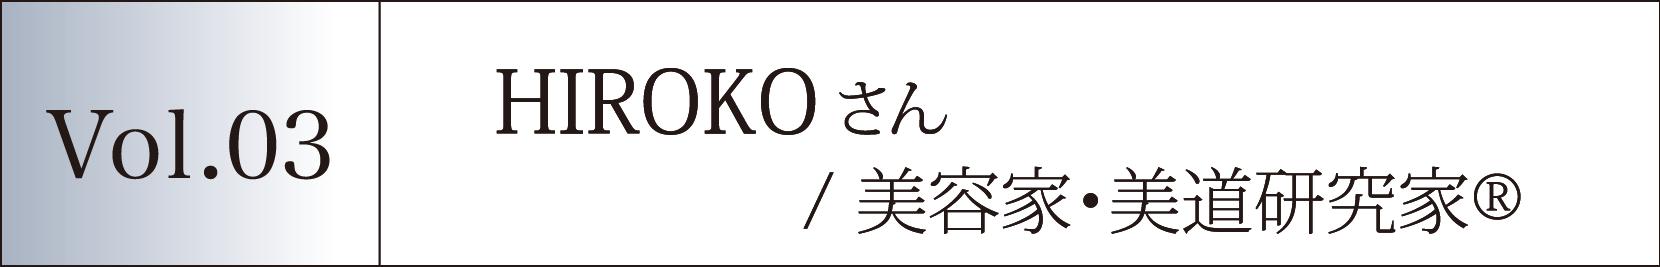 Vol.03 HIROKOさん/美容家・美道研究家®